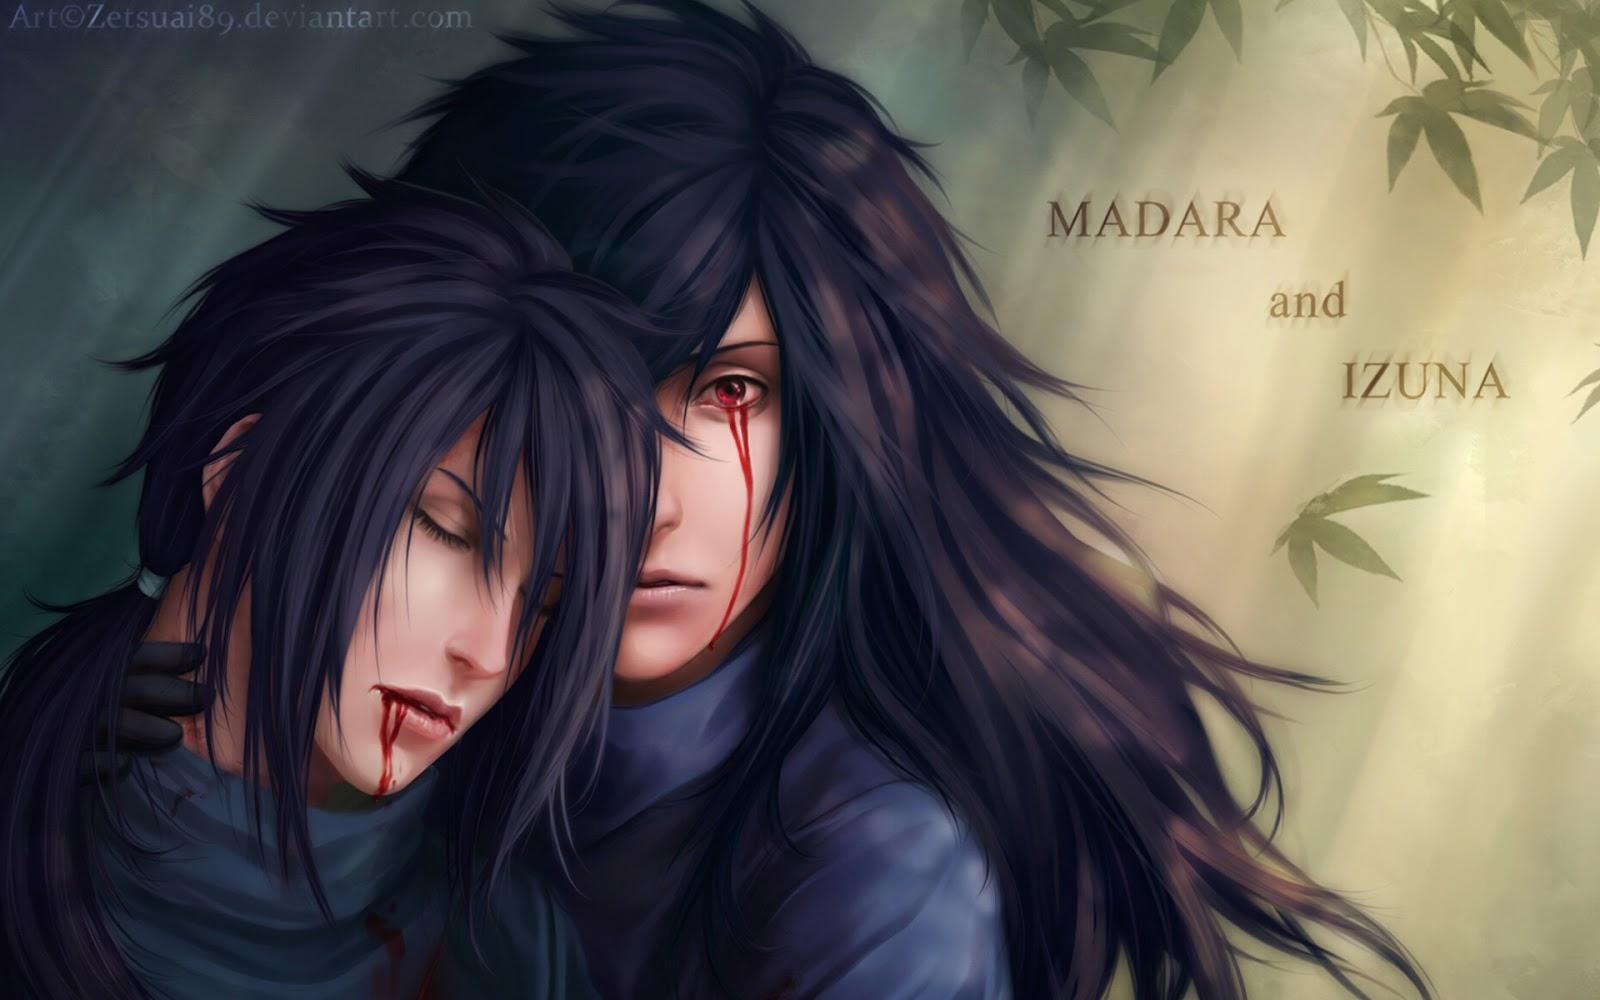 madara uchiha and izuna uchiha anime 1600x1000